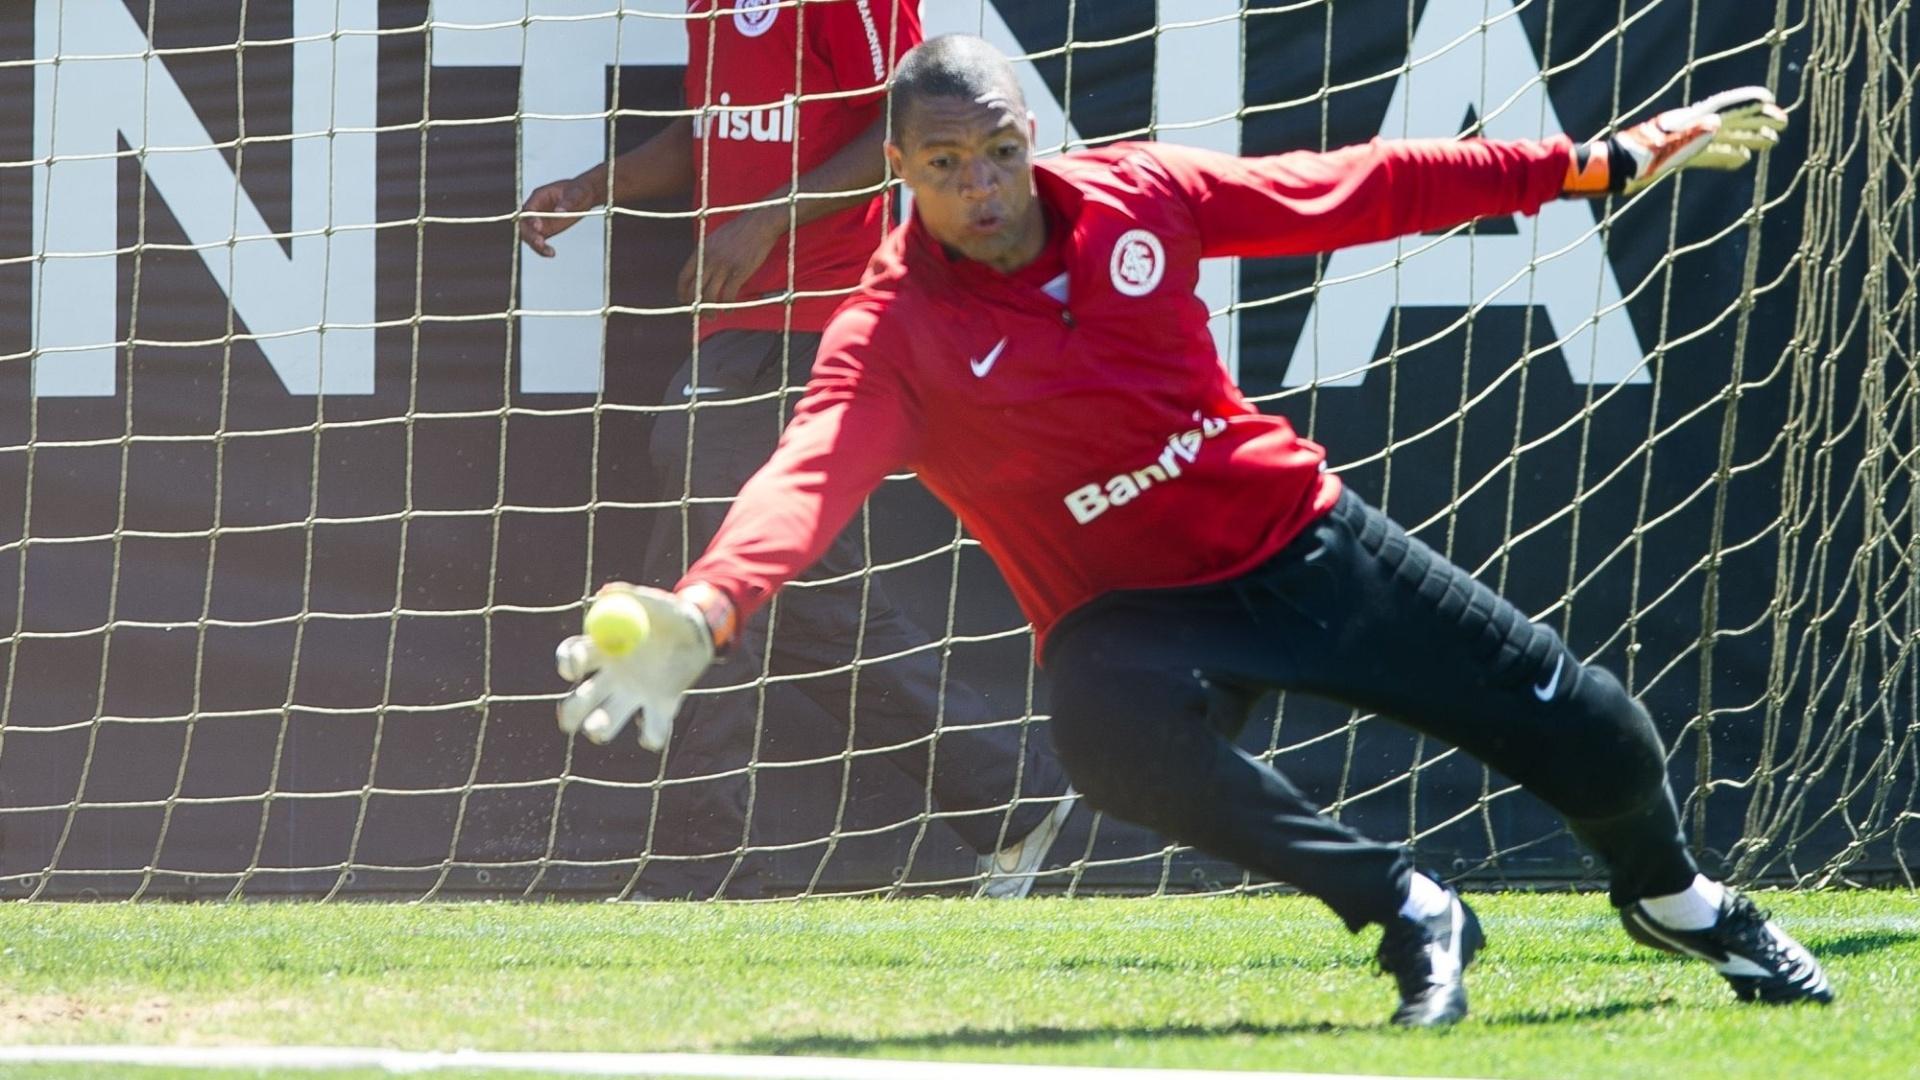 15.out.2014 - Goleiro Dida em treino com bola de tênis no CT do Inter